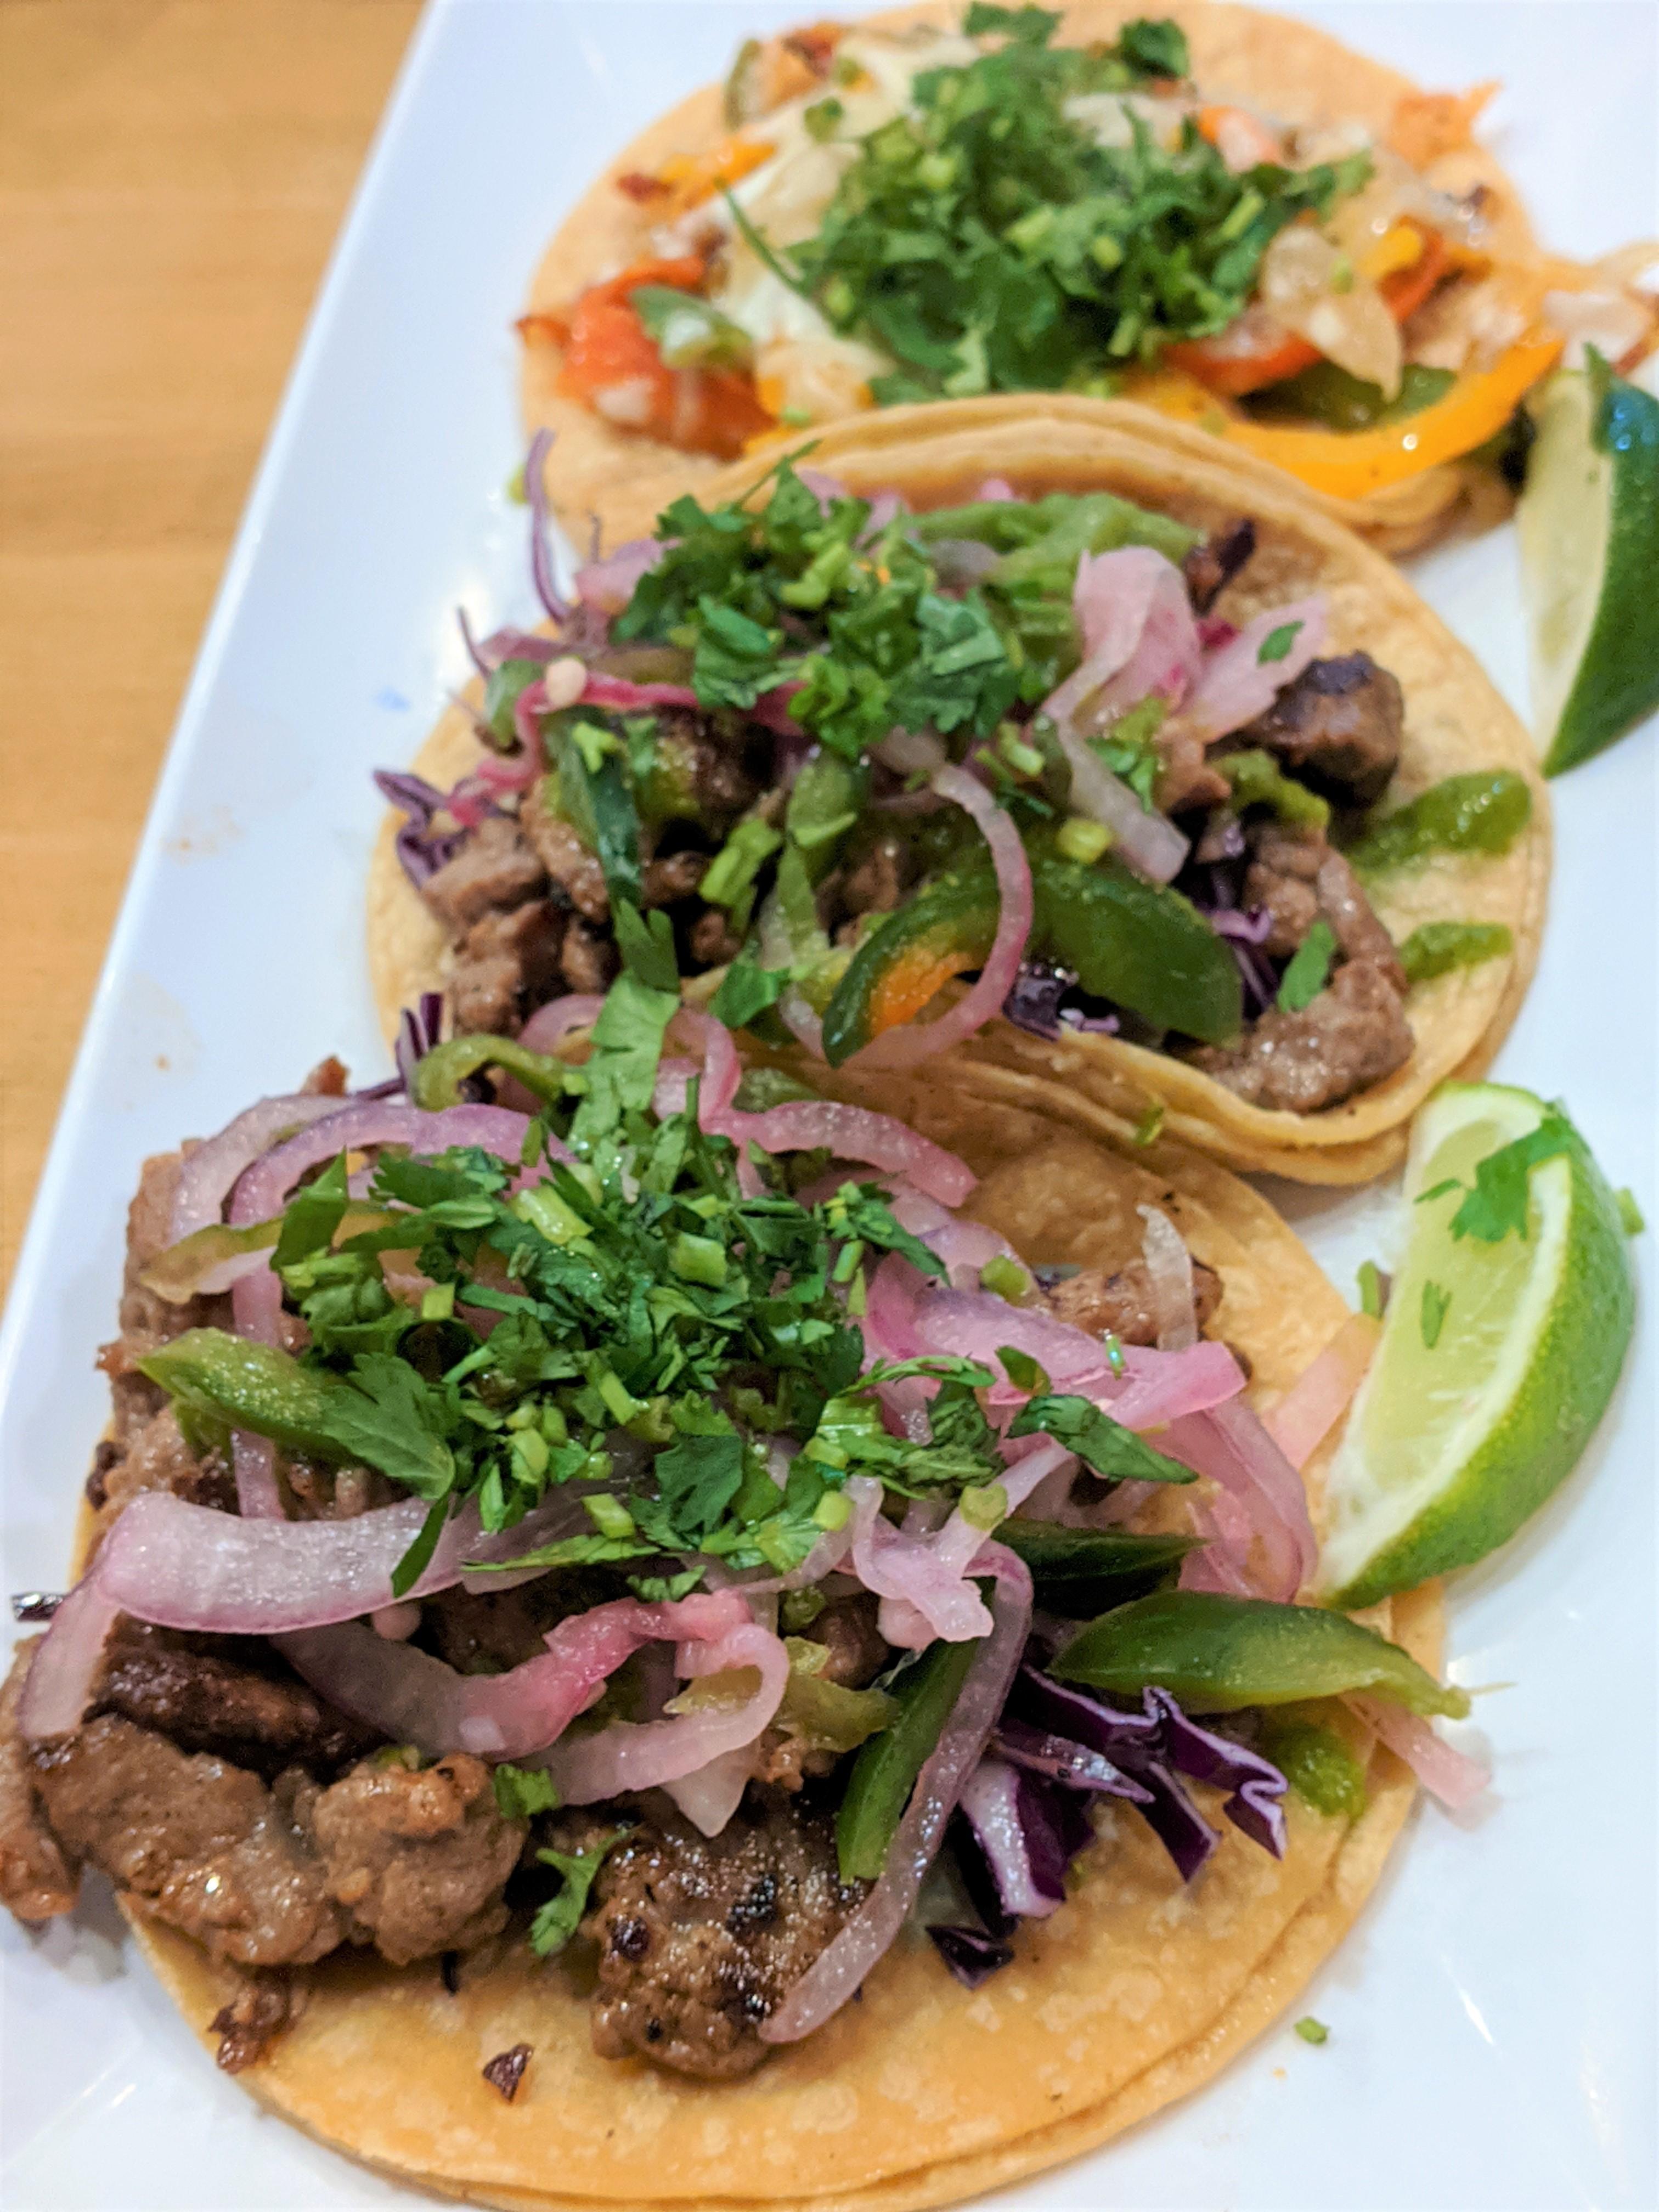 Three tacos from Taco Maya